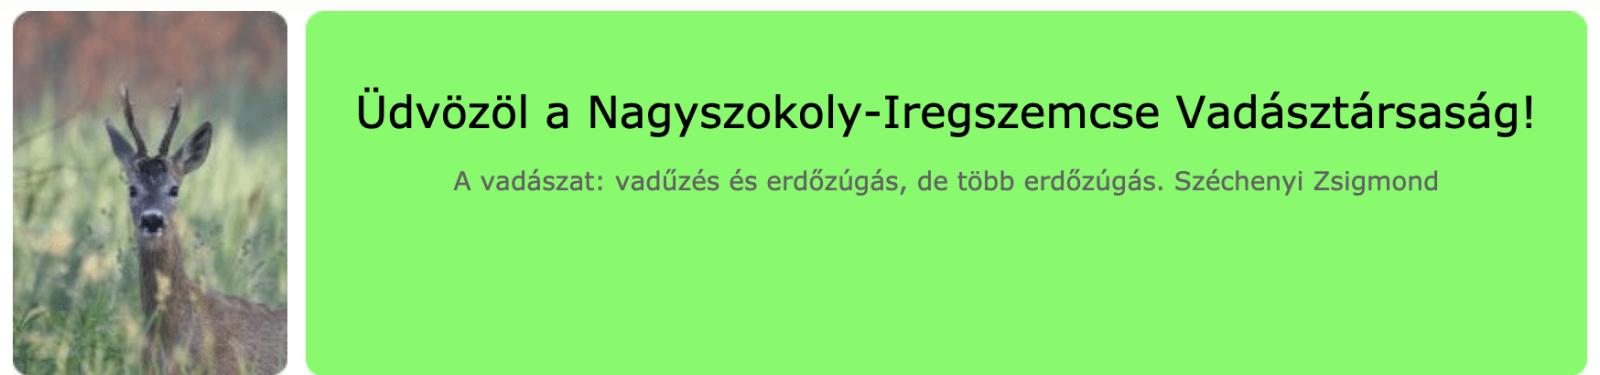 Nagyszokoly-Iregszemcse Jagdverein - Ungarn, Bezirk Somogy